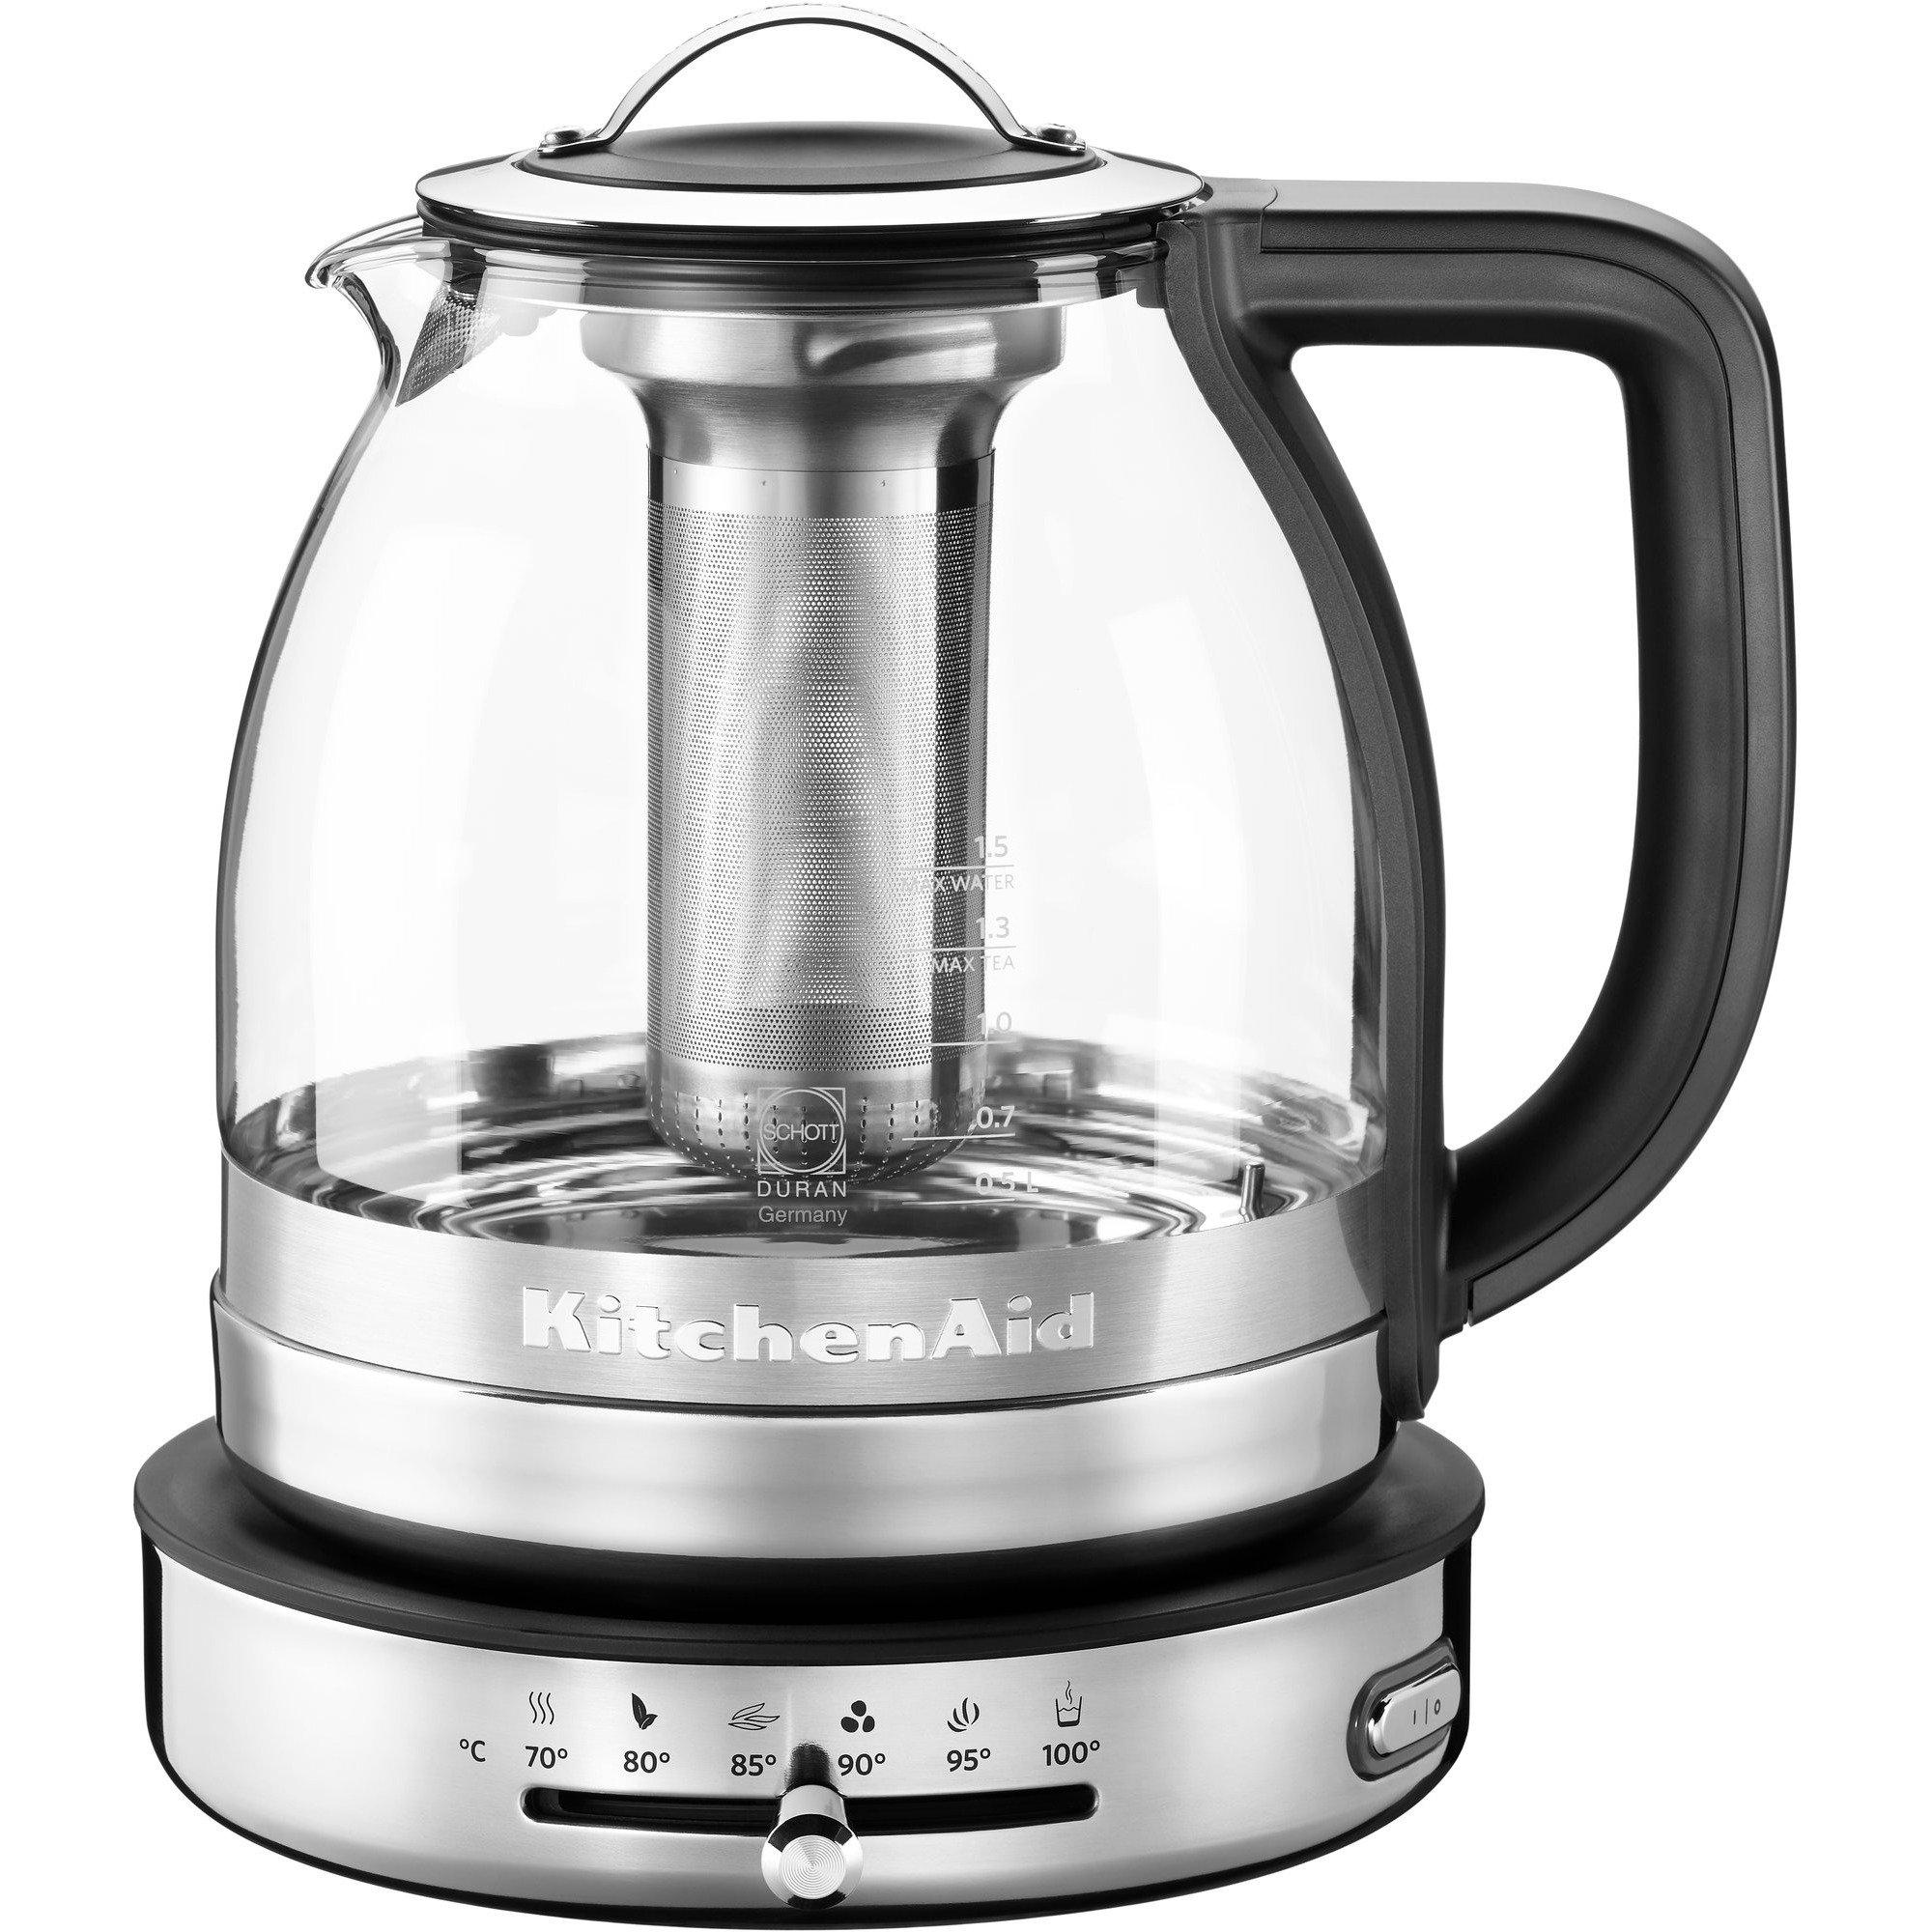 KitchenAid Artisan Tebryggare/Vattenkokare 15 liter Klar